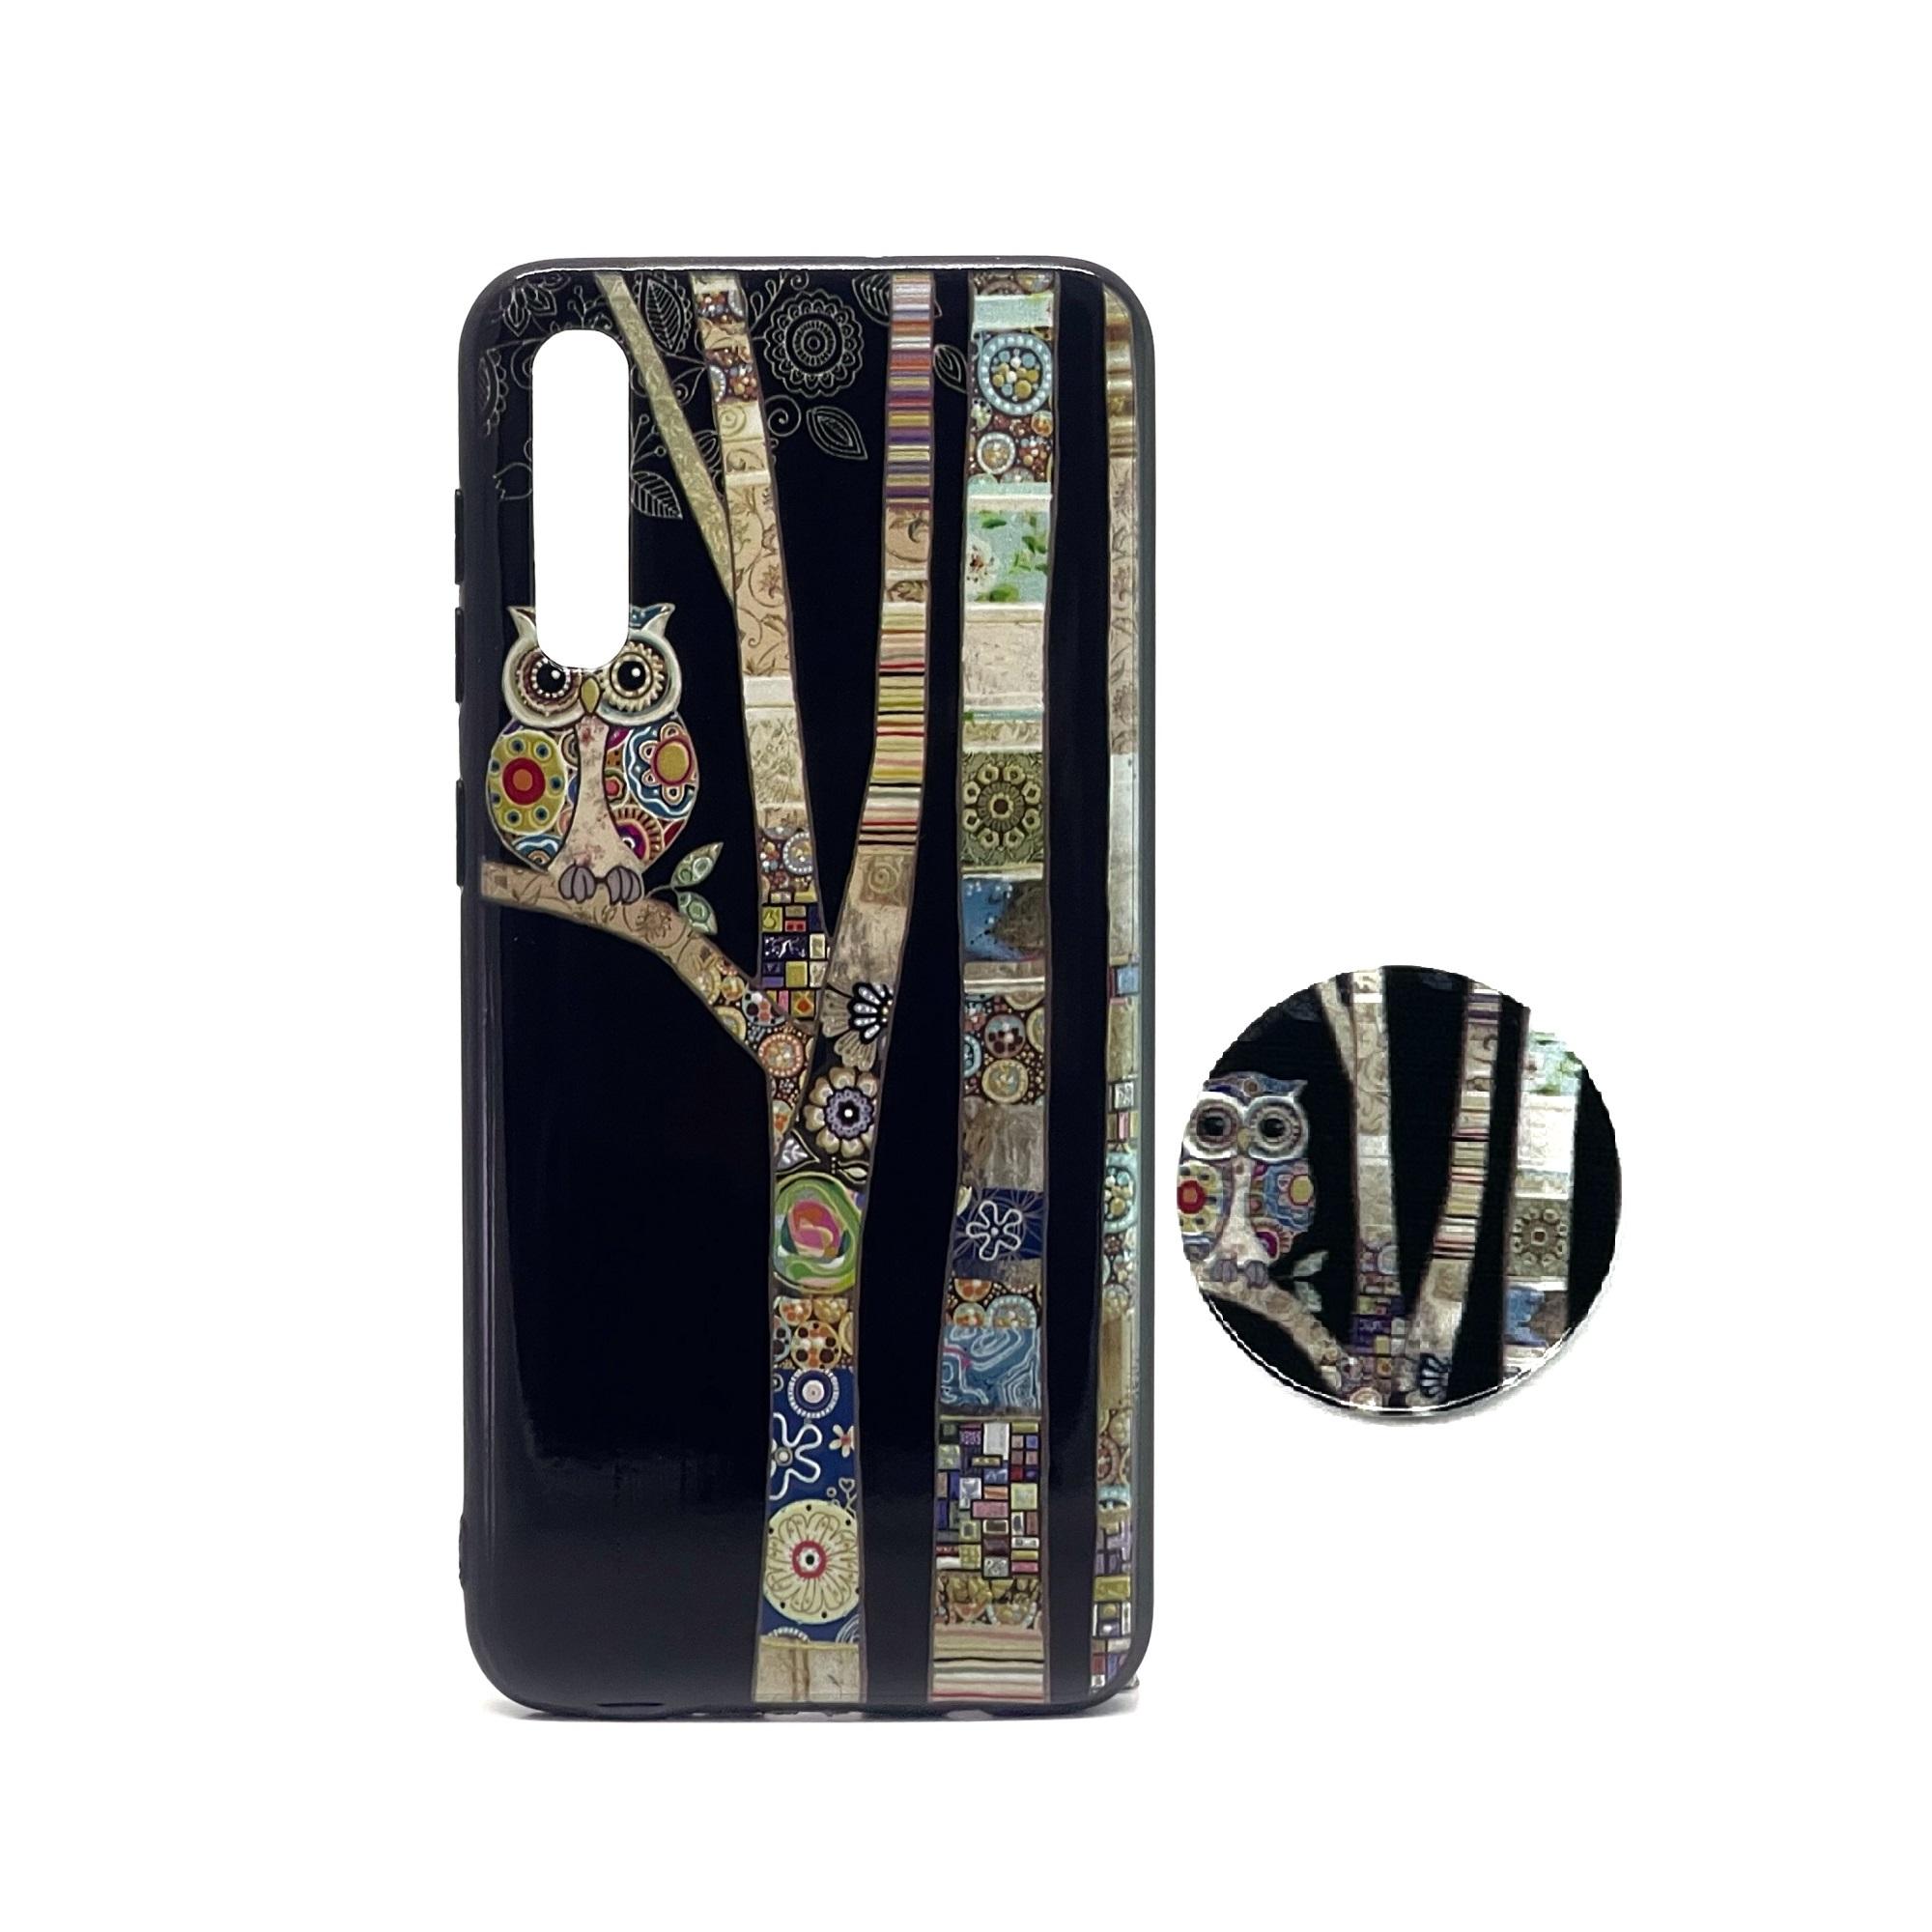 کاور مدل A50-24 مناسب برای گوشی موبایل سامسونگ A50/A50S/A30S به همراه پایه نگهدارنده